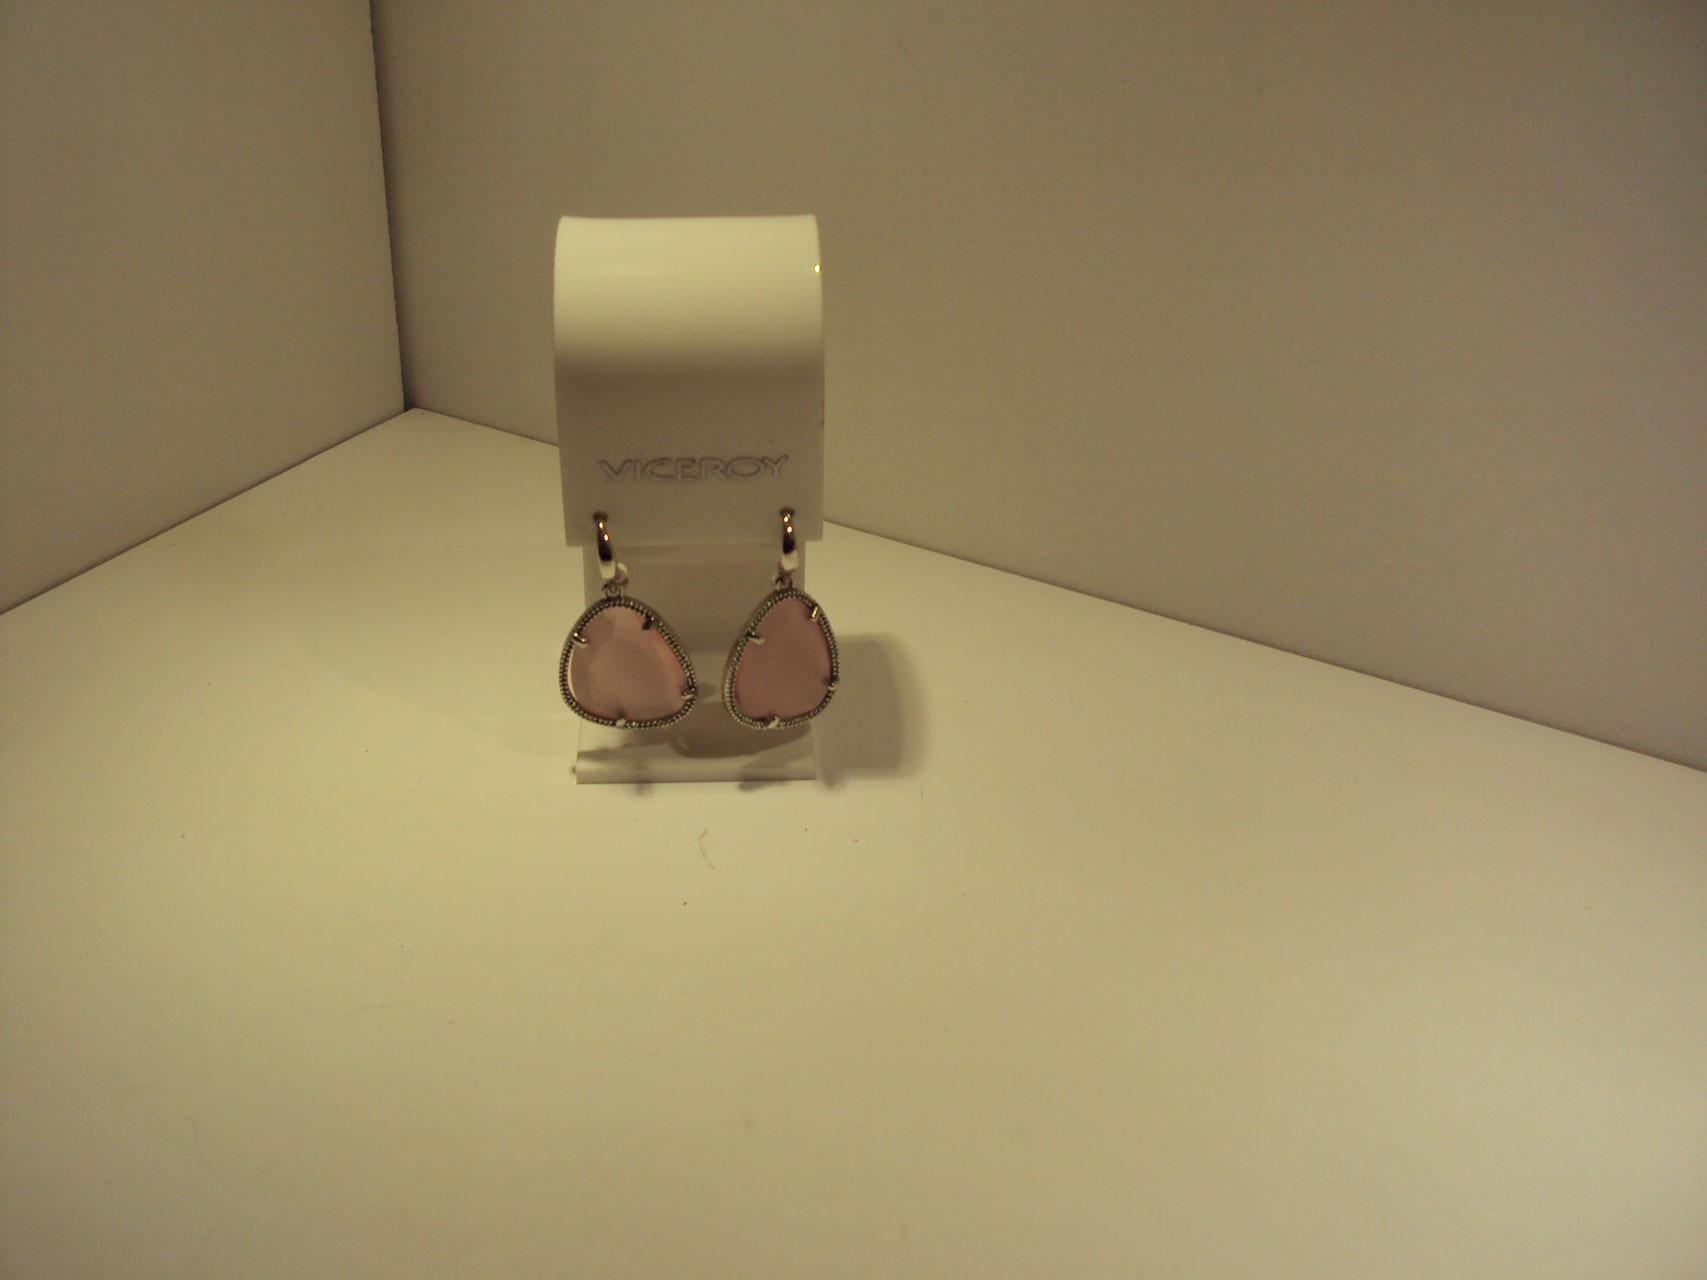 Pendientes de plata Viceroy con piedras rosadas 59€